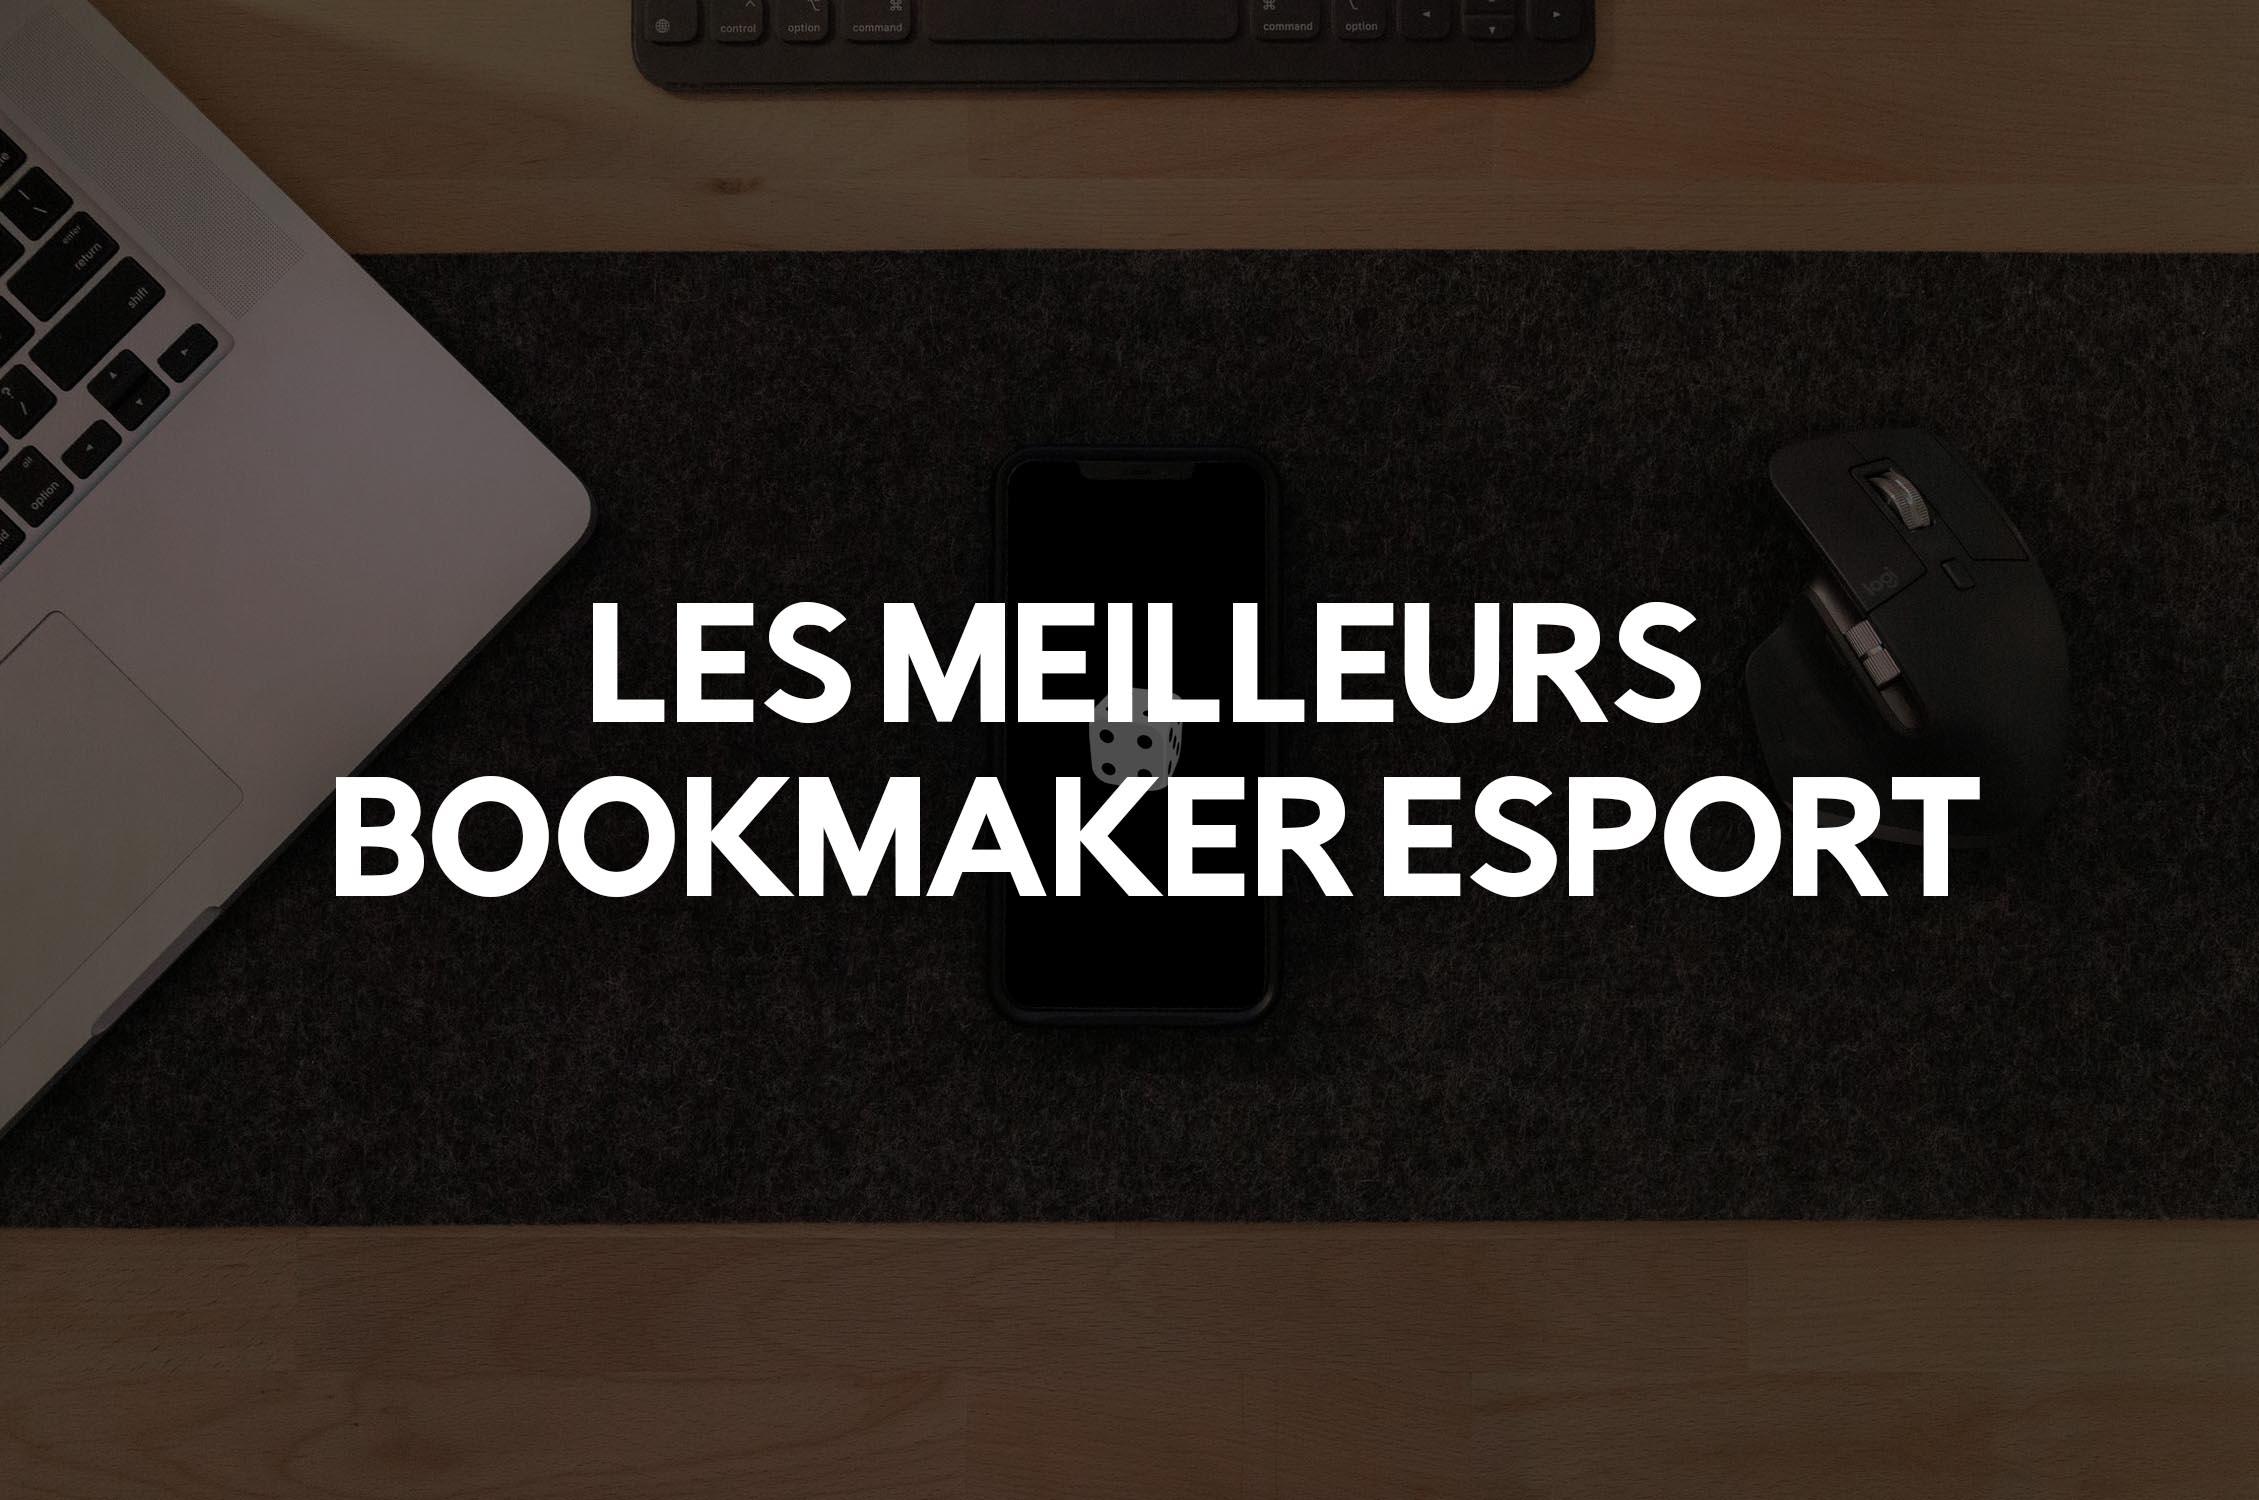 meilleur bookmaker esport